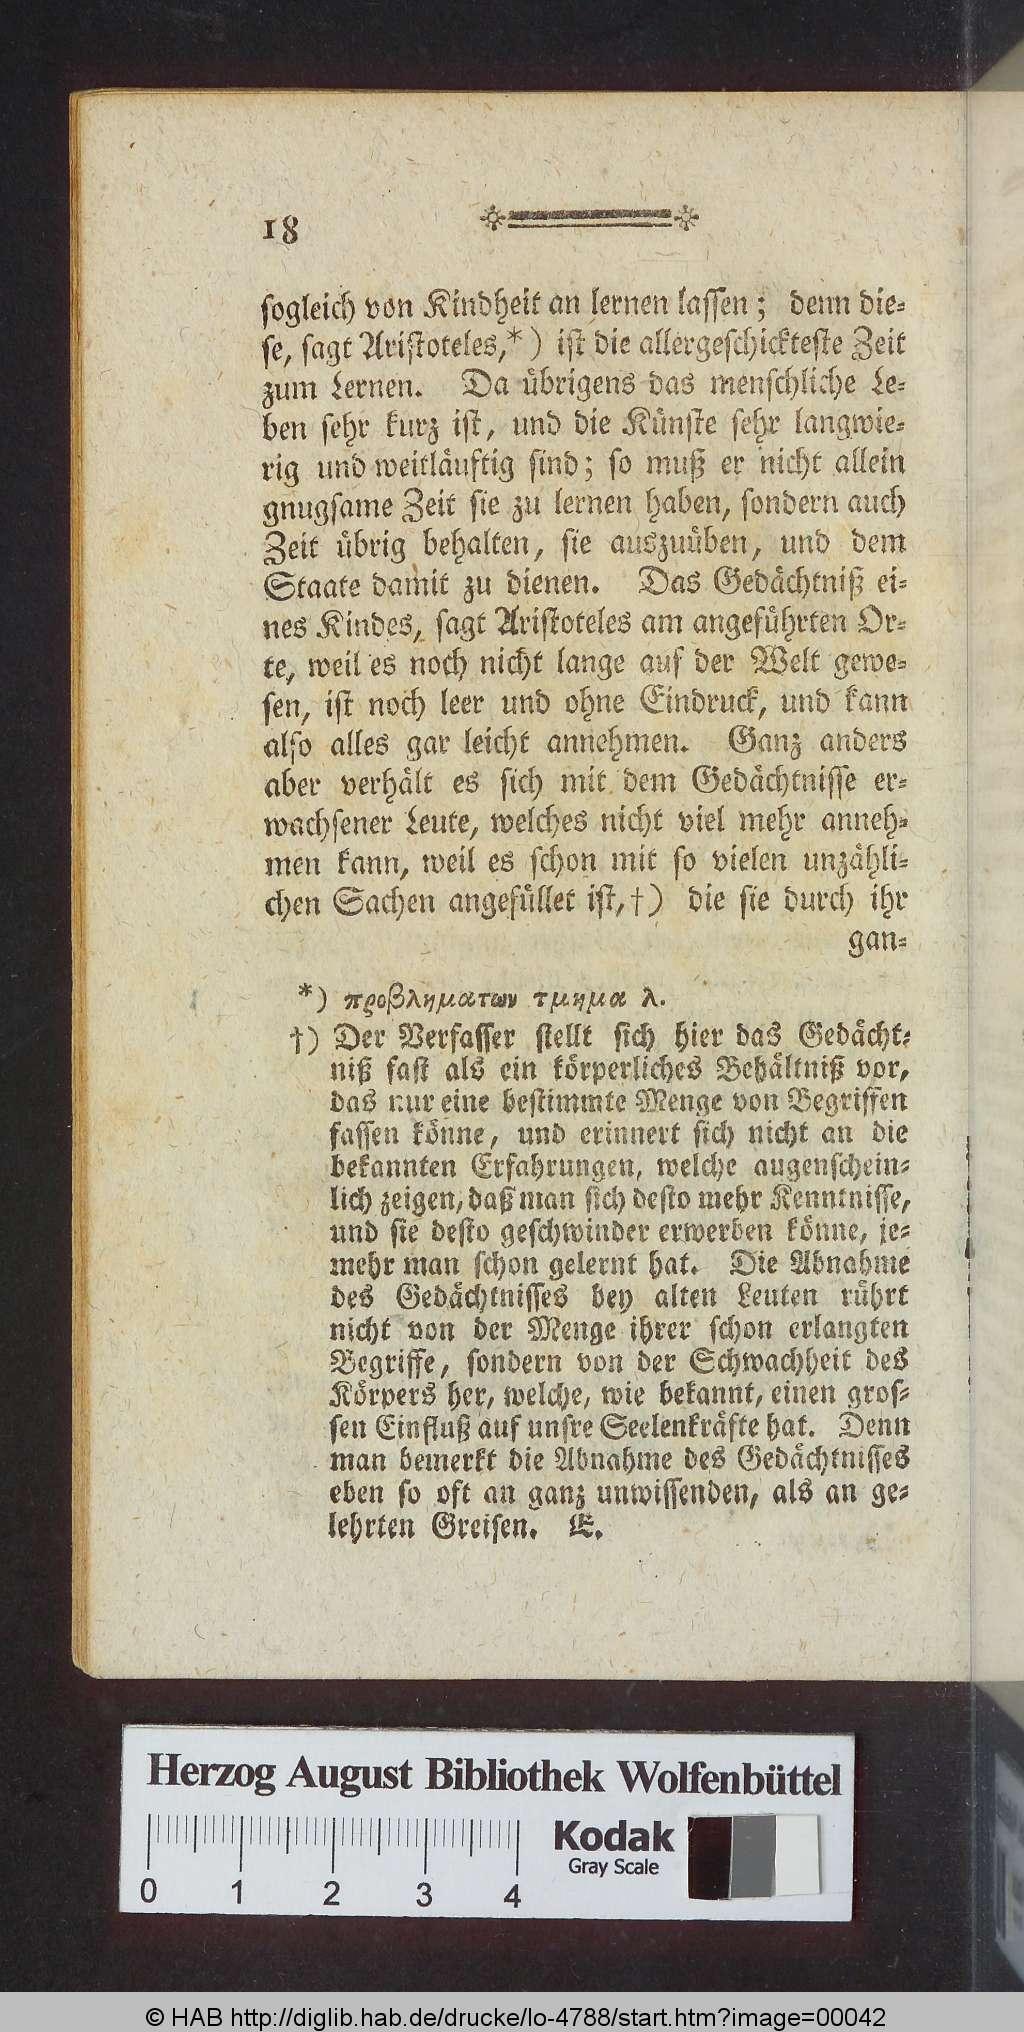 Herausgegeben von Lessing Akademie Deutsche Forschungsgemeinschaft